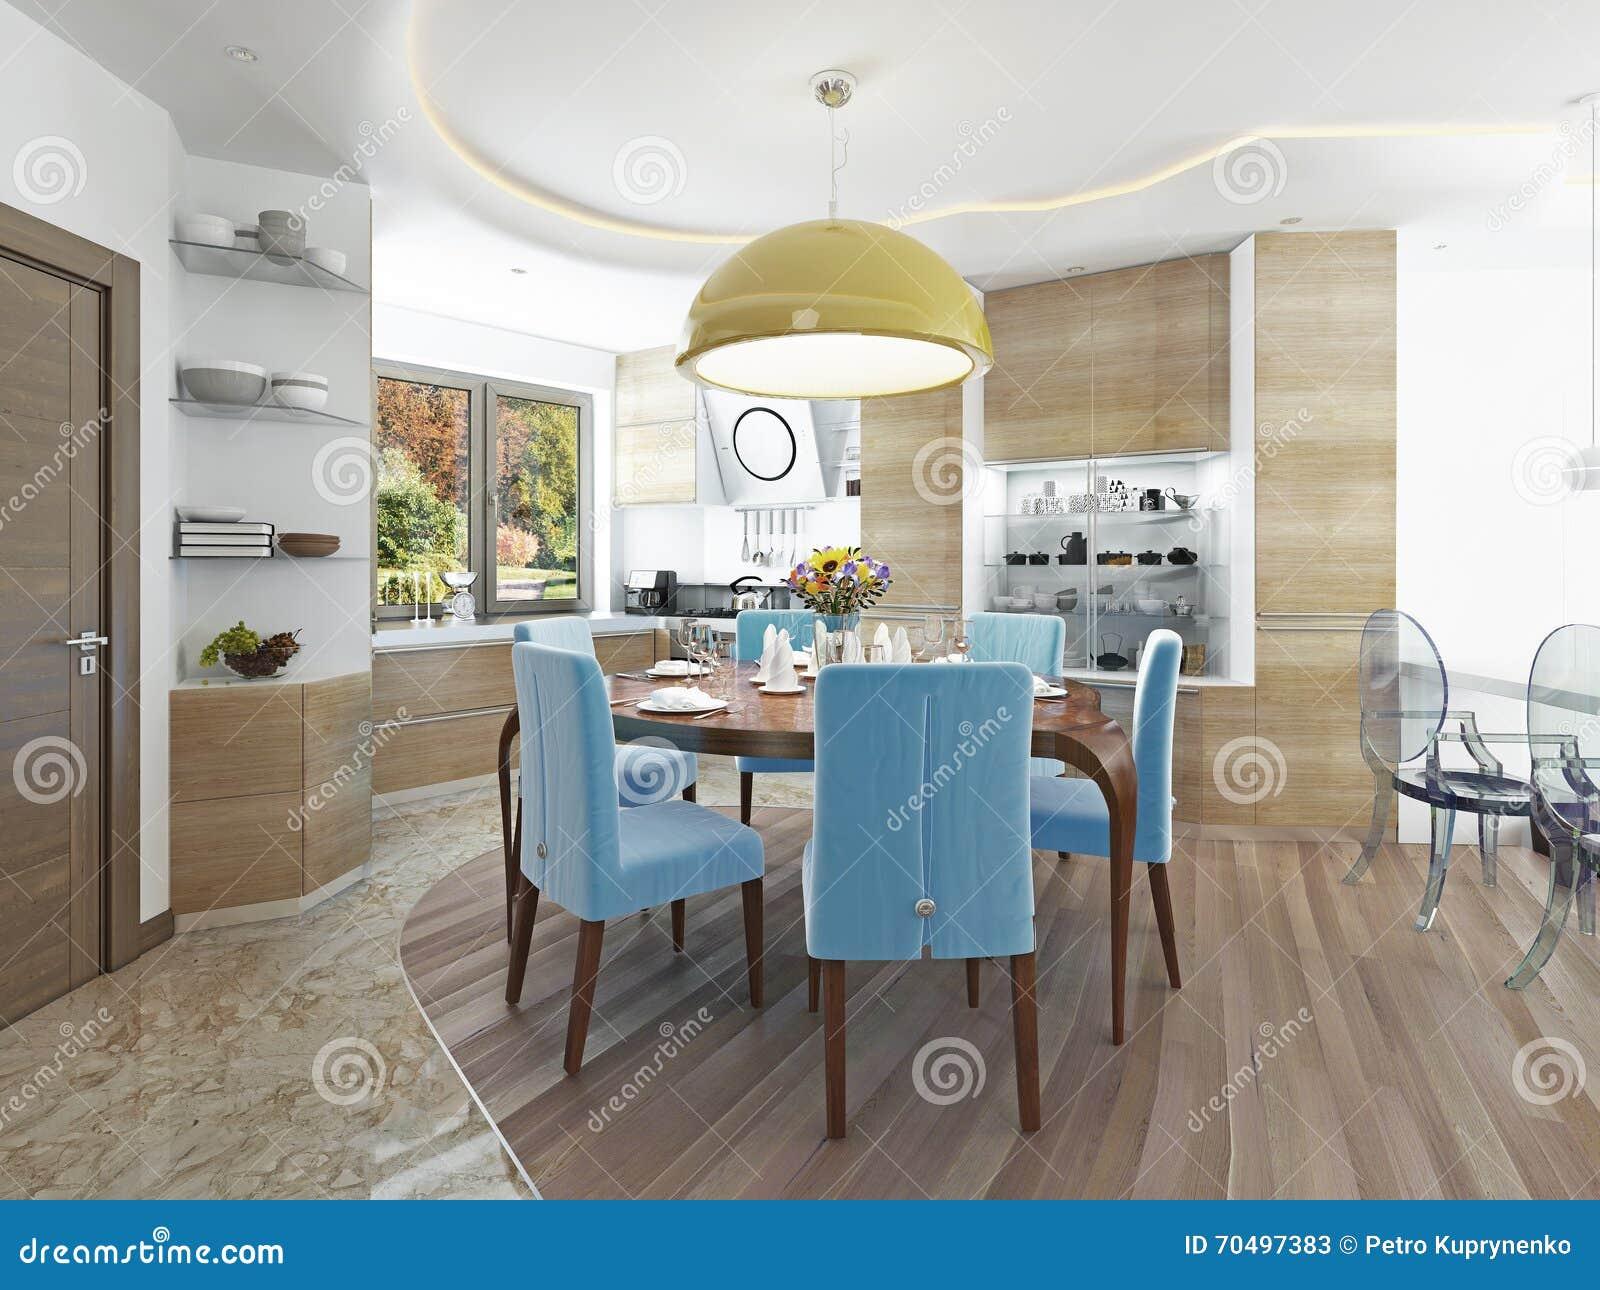 Download Modernes Esszimmer Mit Küche In Einem Modischen Artkitsch Stock  Abbildung   Illustration Von Blau,